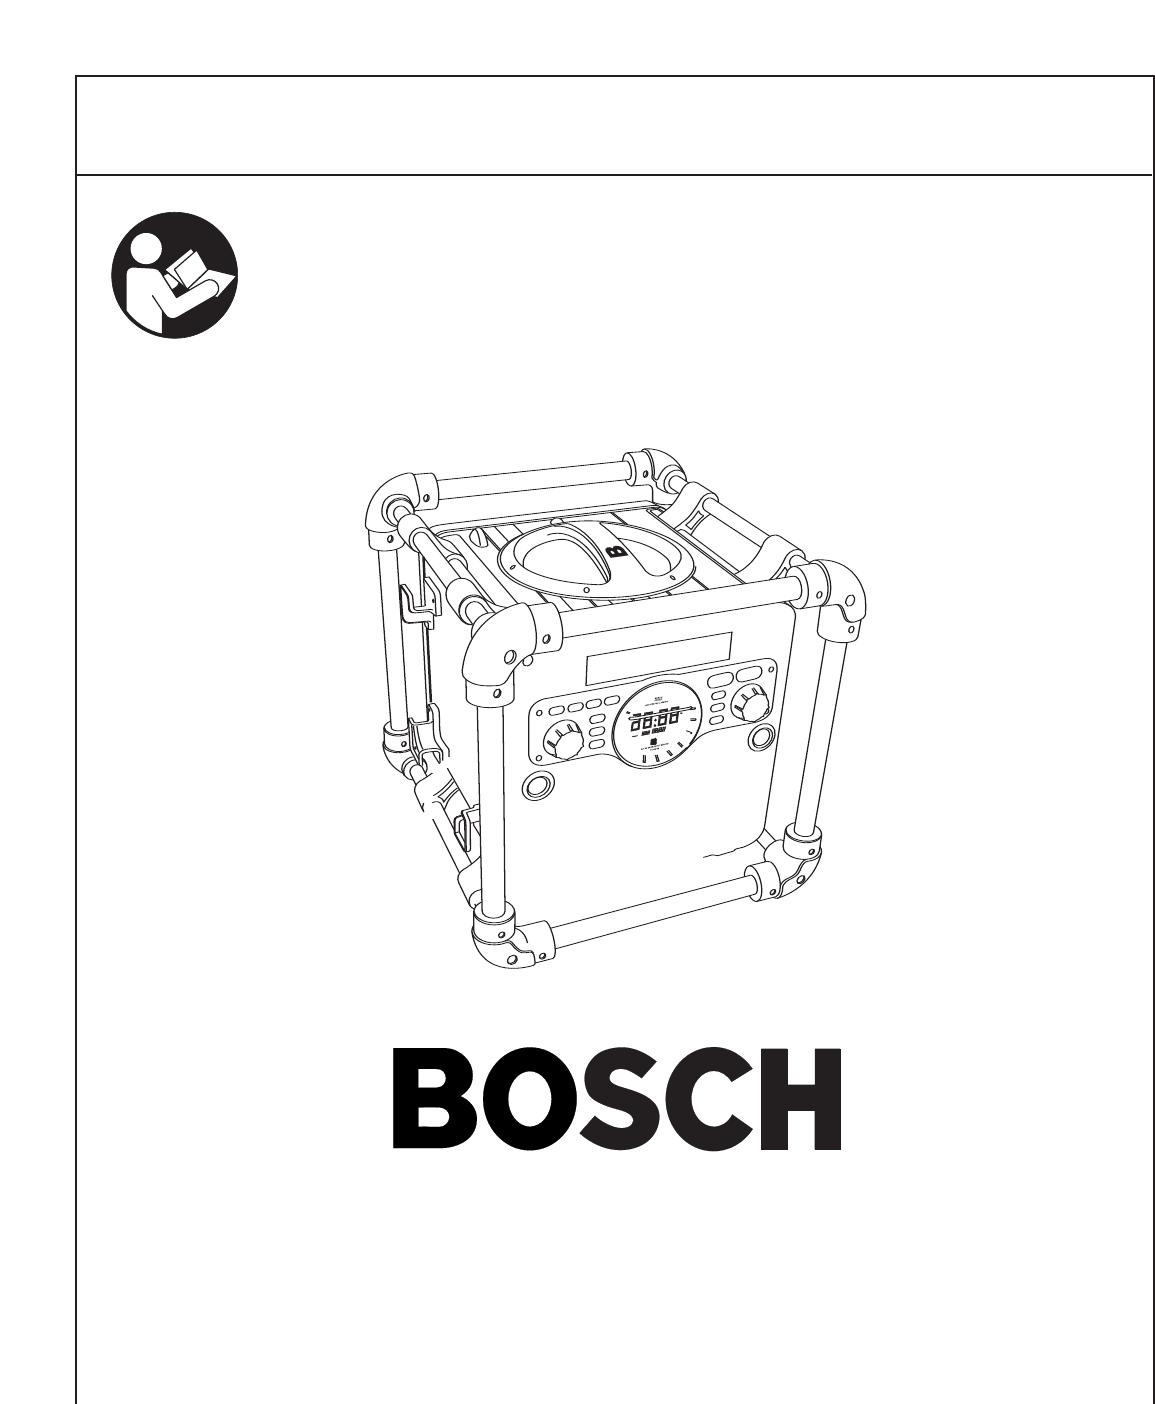 Bosch Appliances Oven BOSCH WALL OVENS User Guide ...